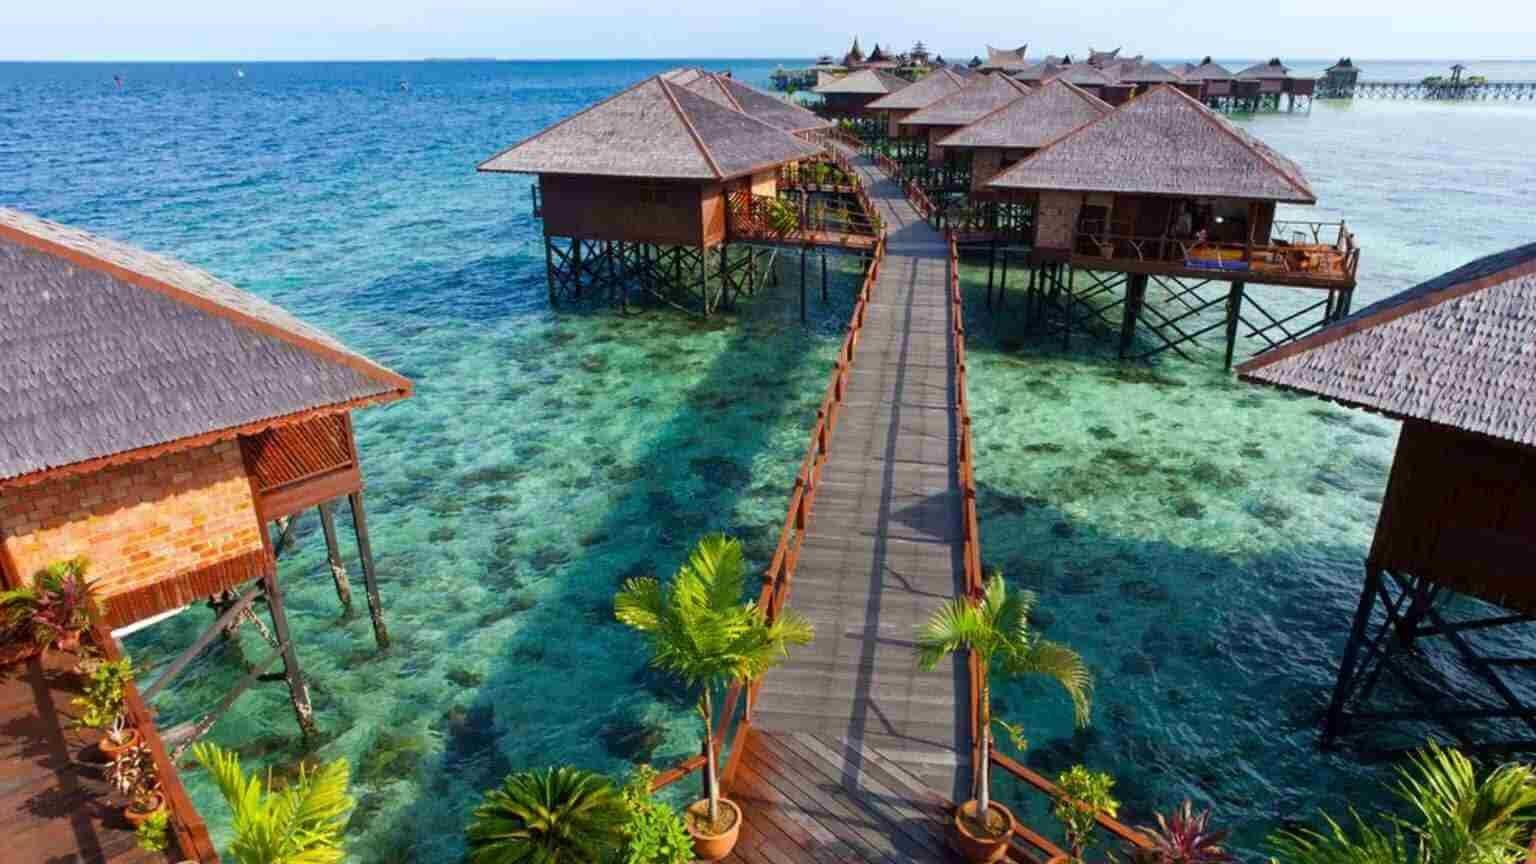 Malasya Hotels in water